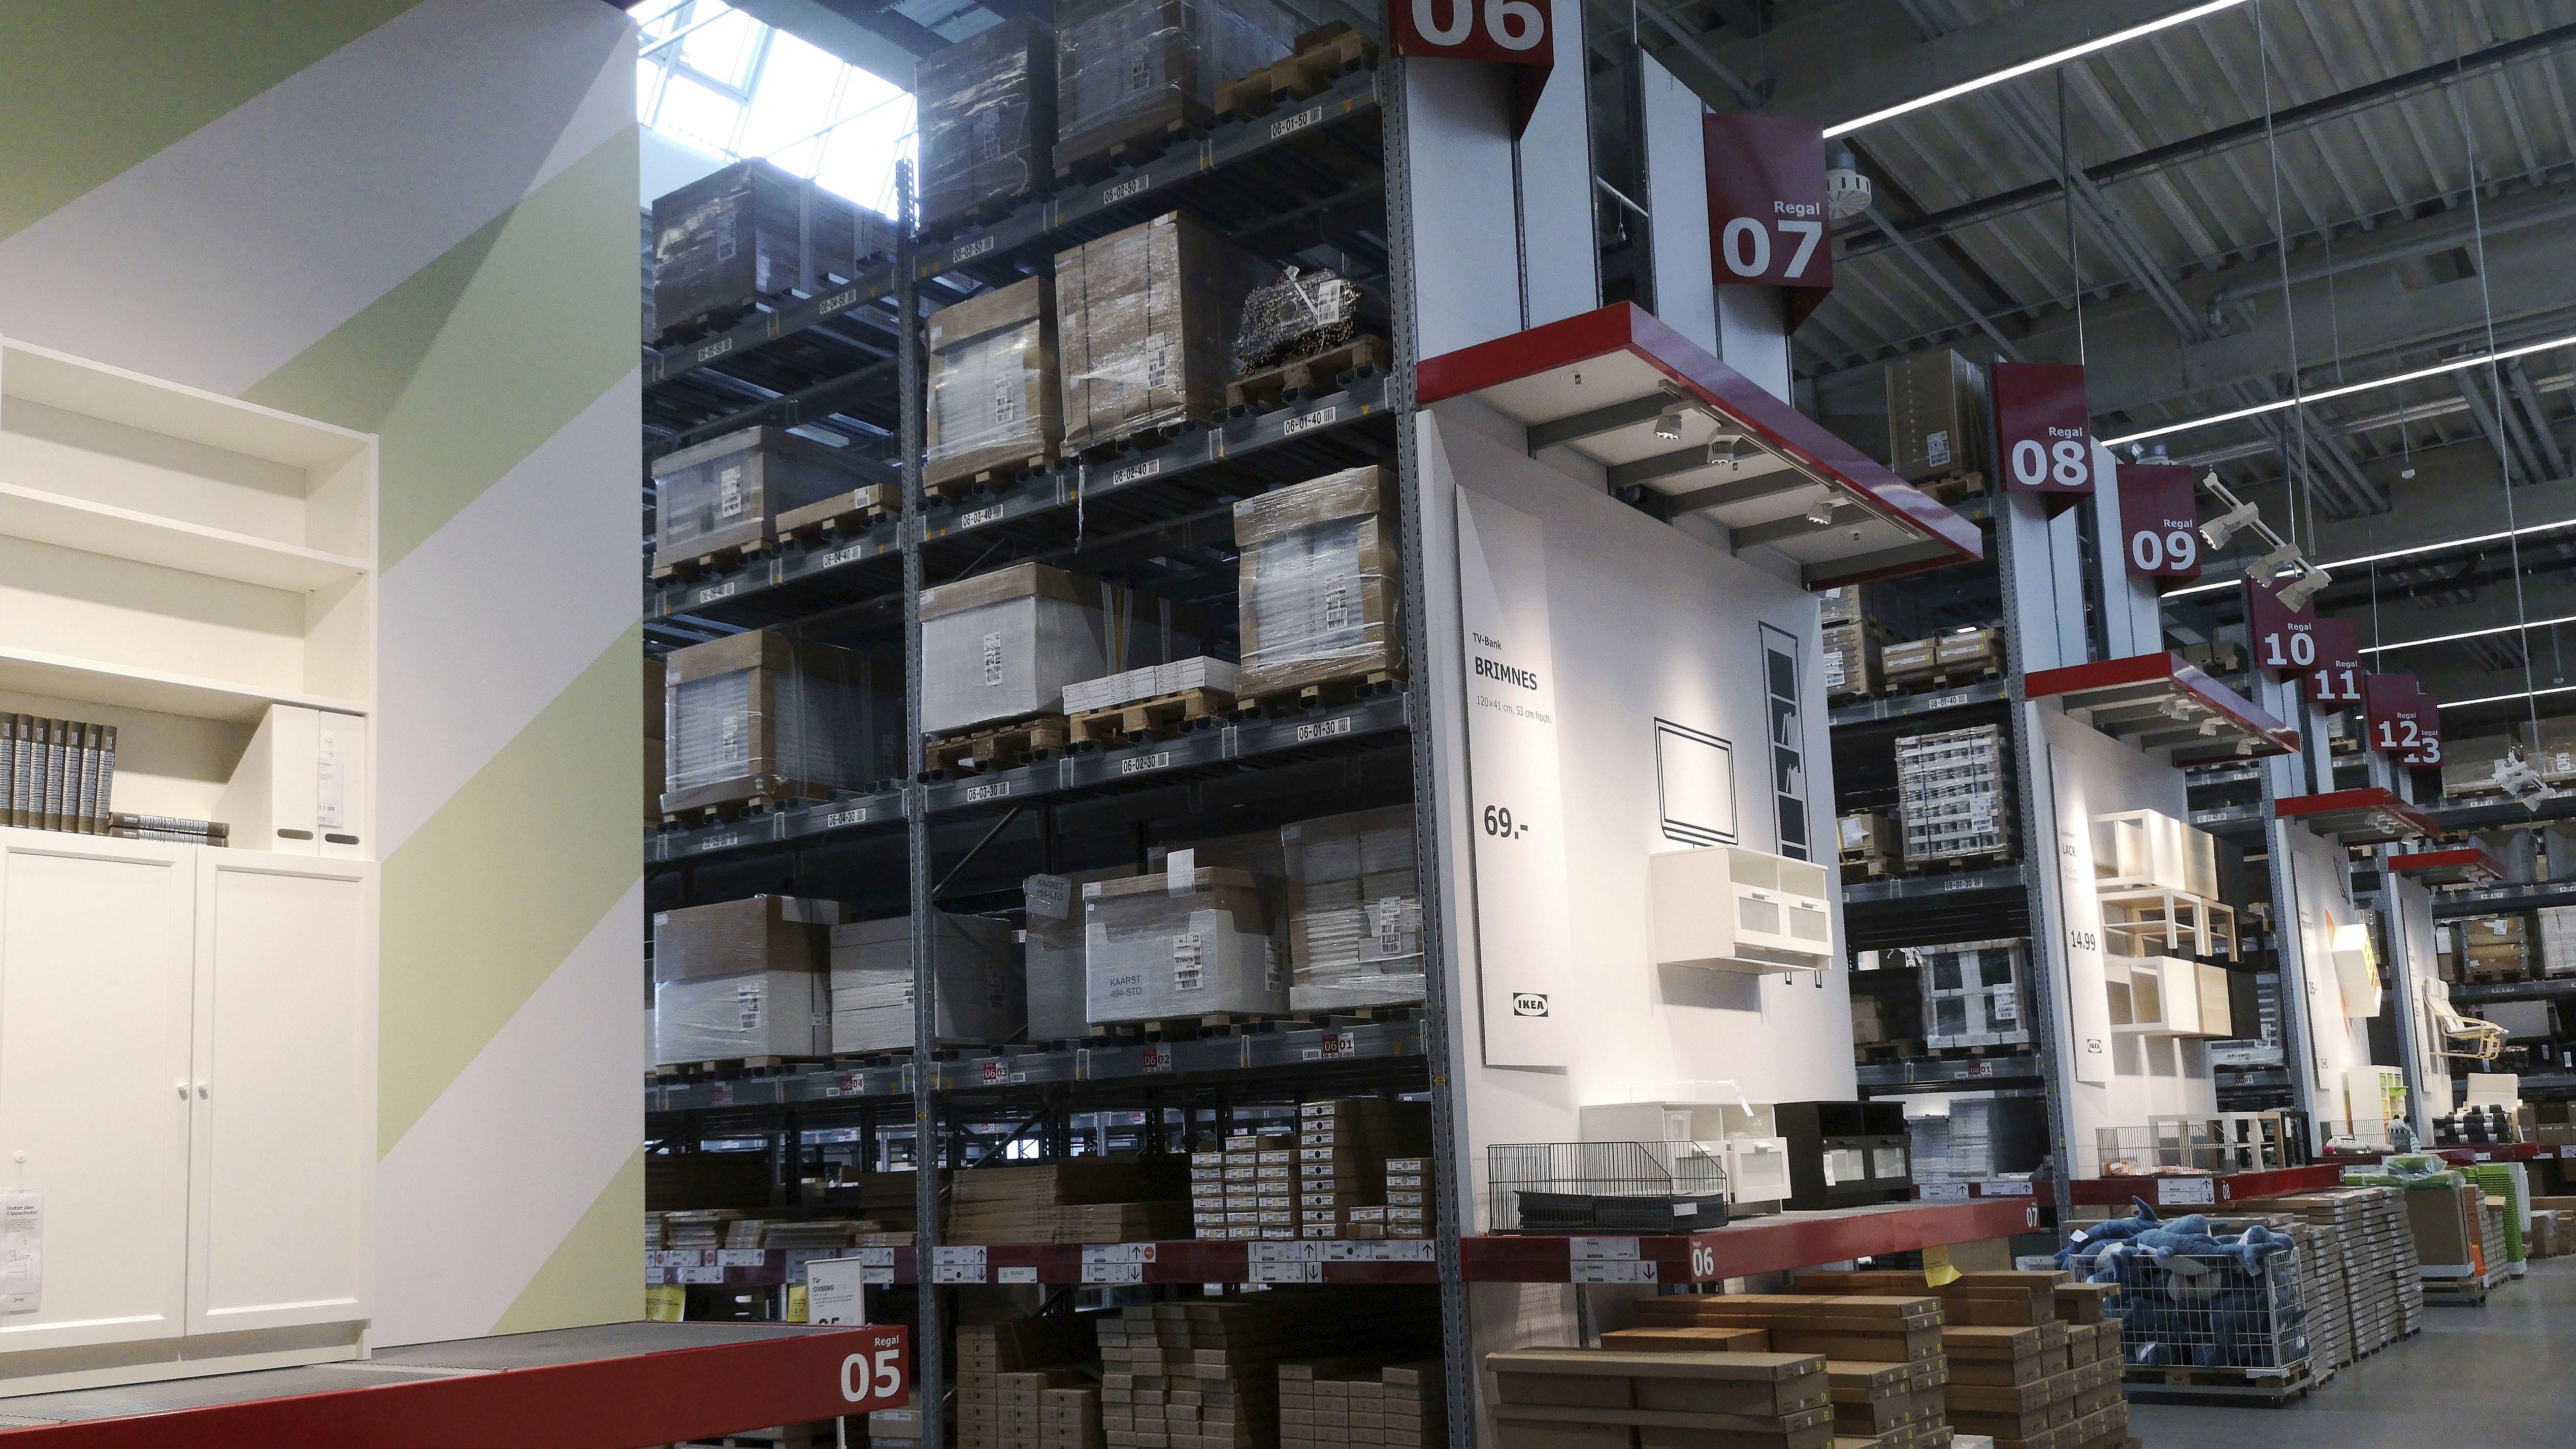 Regale im Lager einer Ikea-Filiale